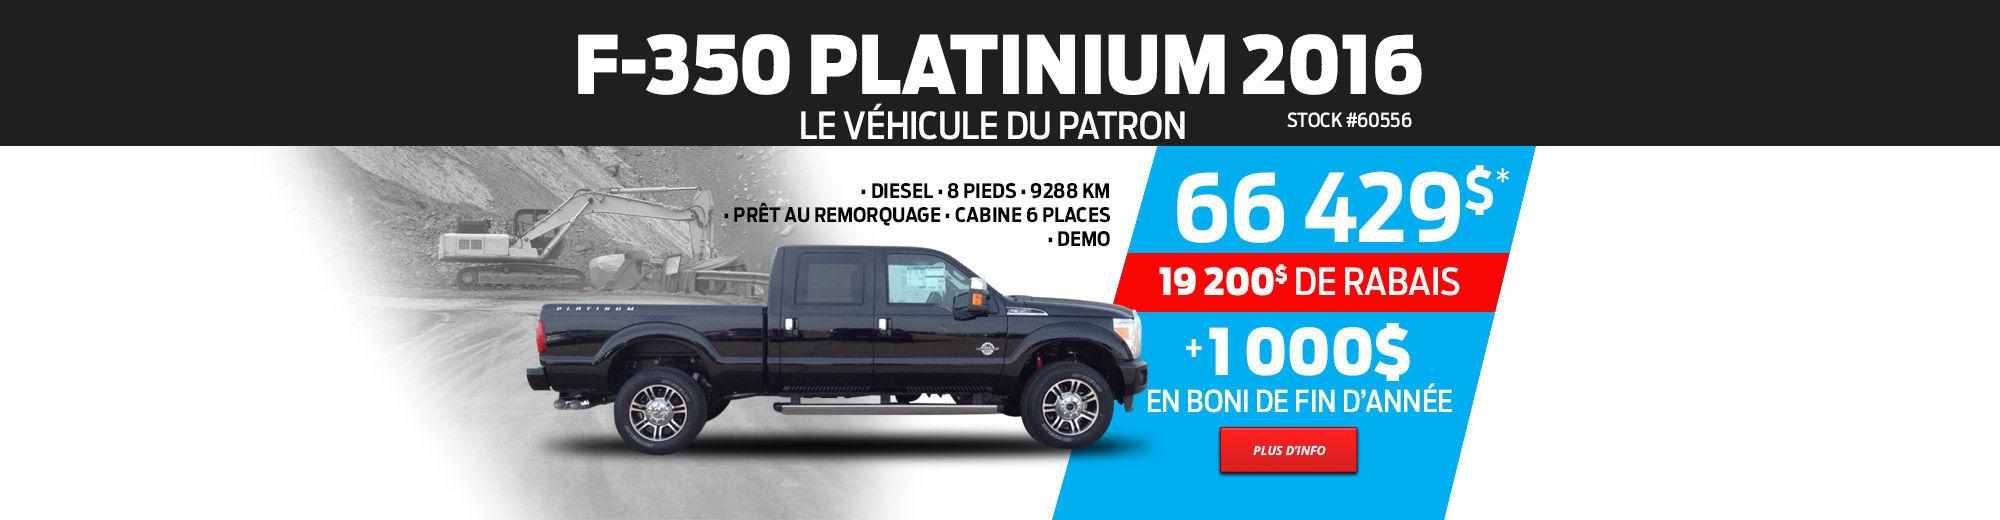 Ford F-350 Platinum Cabine 6 places 2016